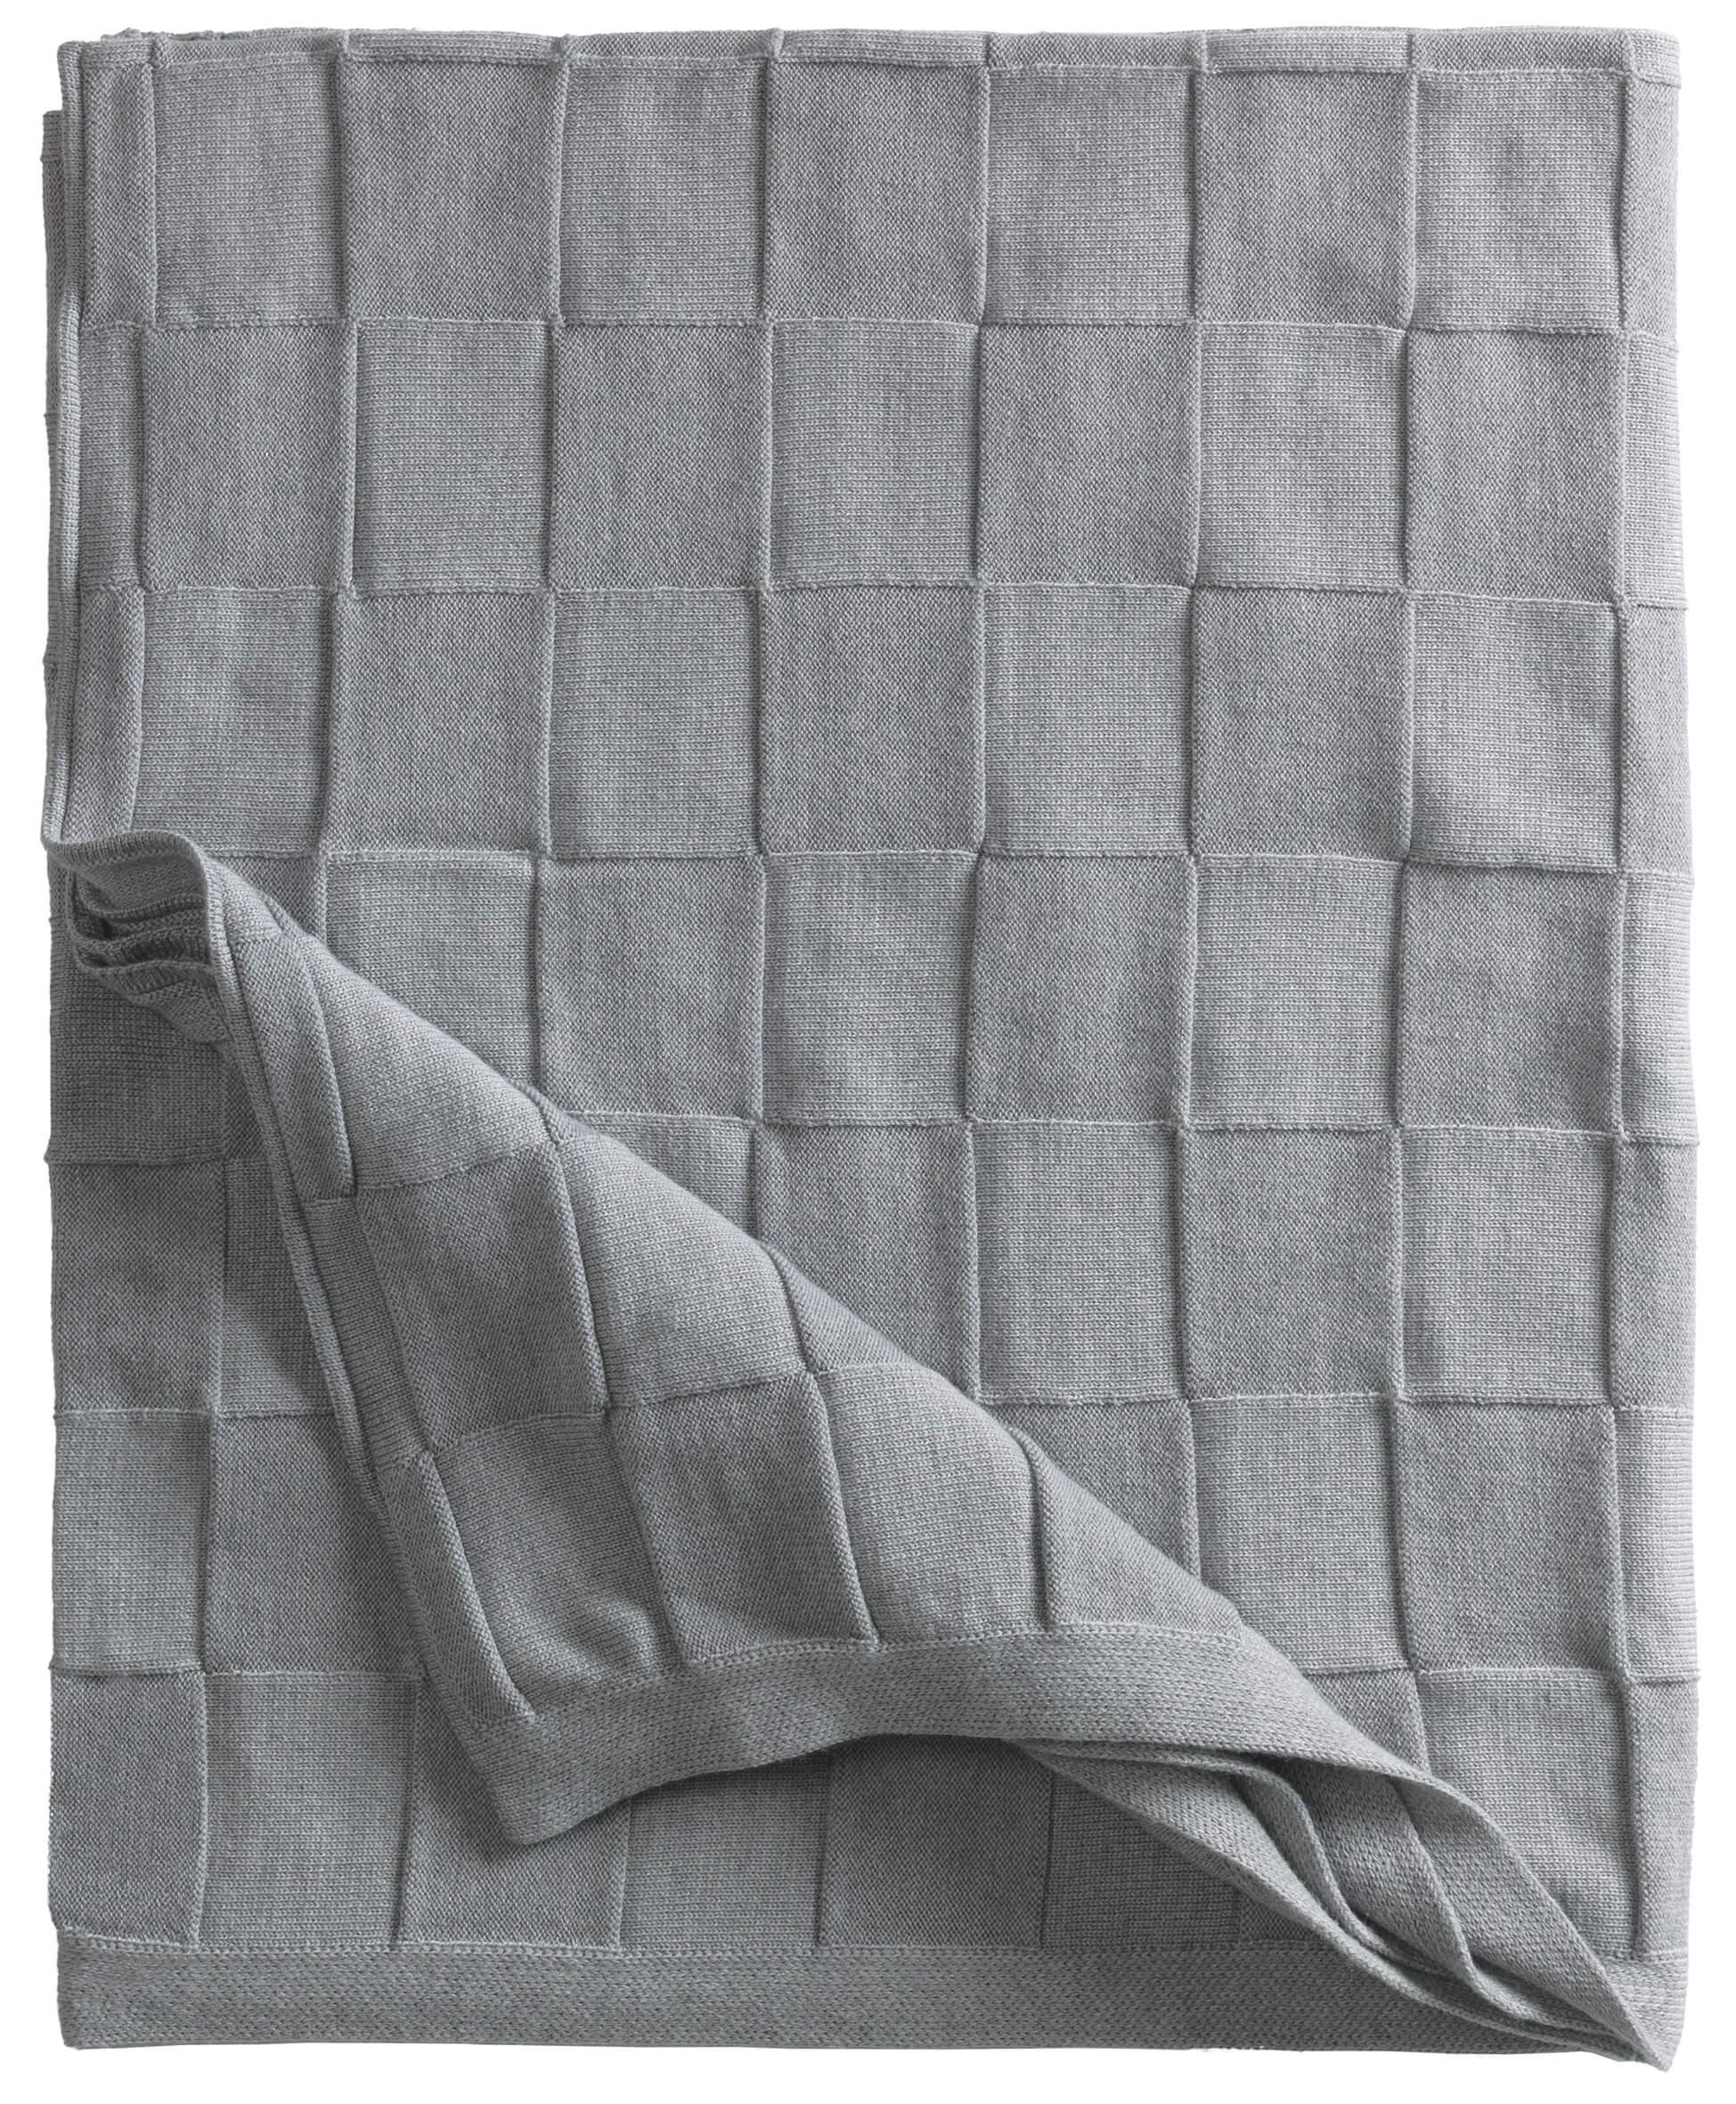 Bild von Verona629, Variante silber